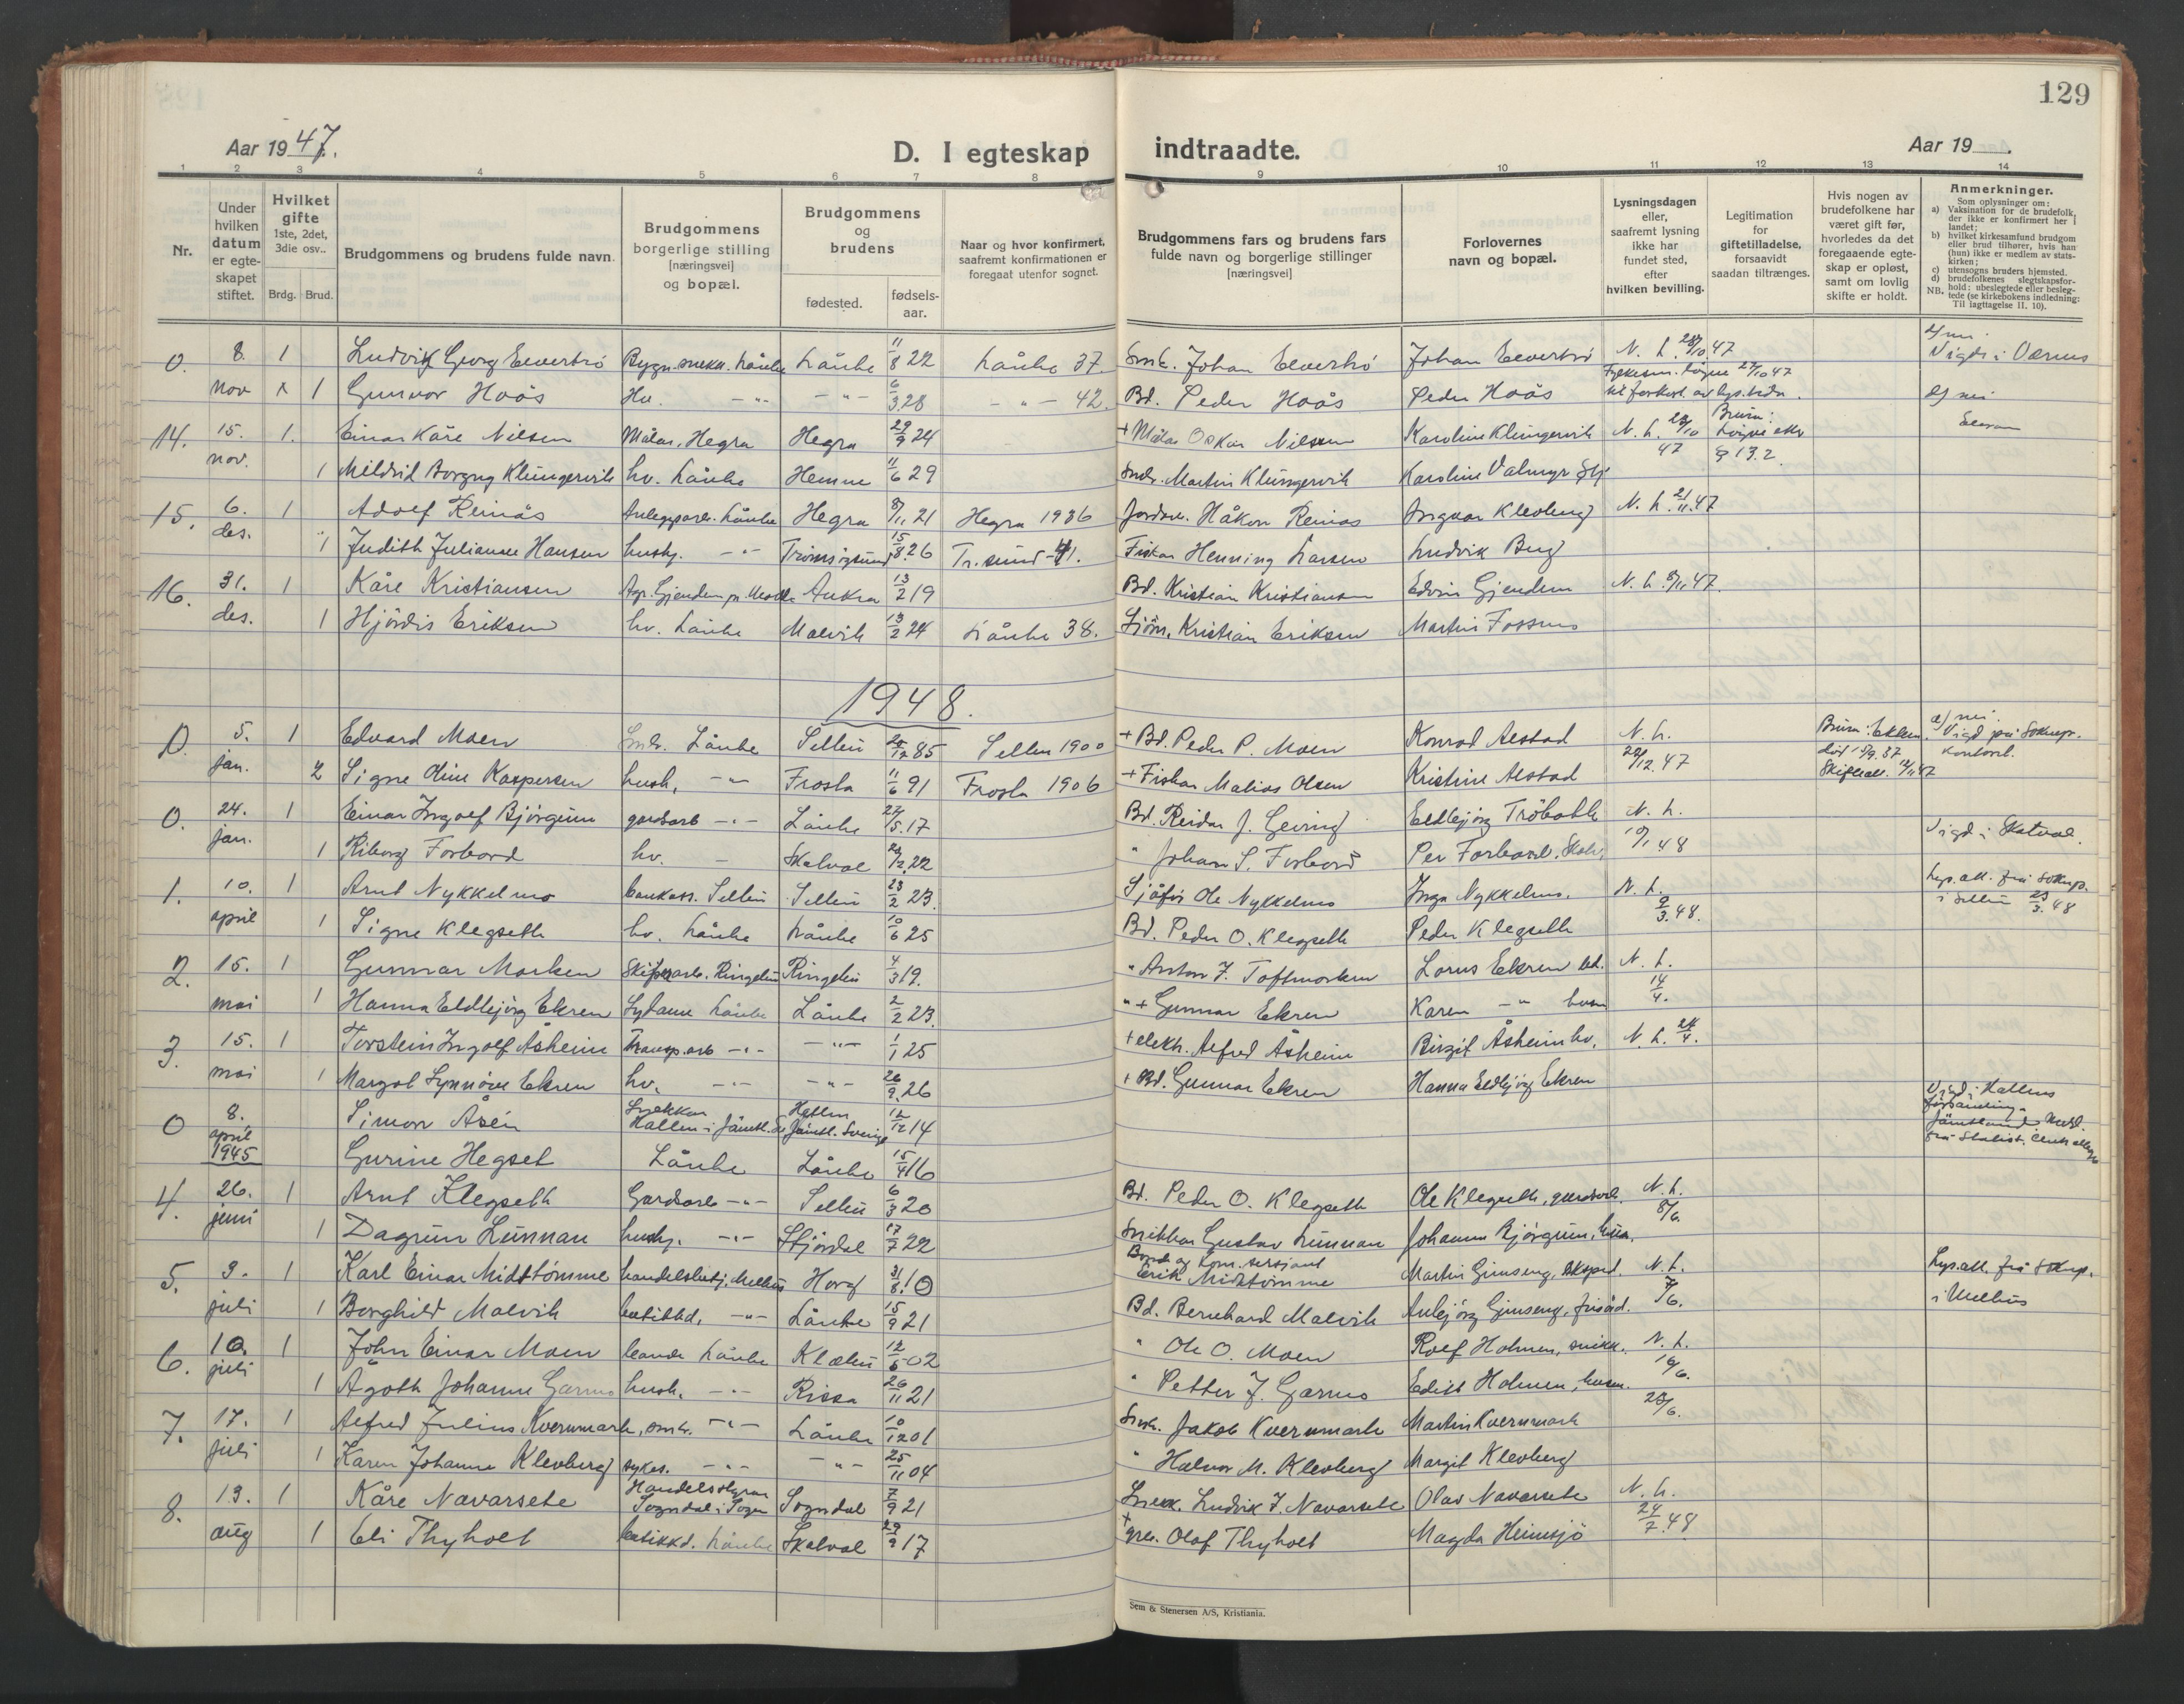 SAT, Ministerialprotokoller, klokkerbøker og fødselsregistre - Nord-Trøndelag, 710/L0097: Klokkerbok nr. 710C02, 1925-1955, s. 129